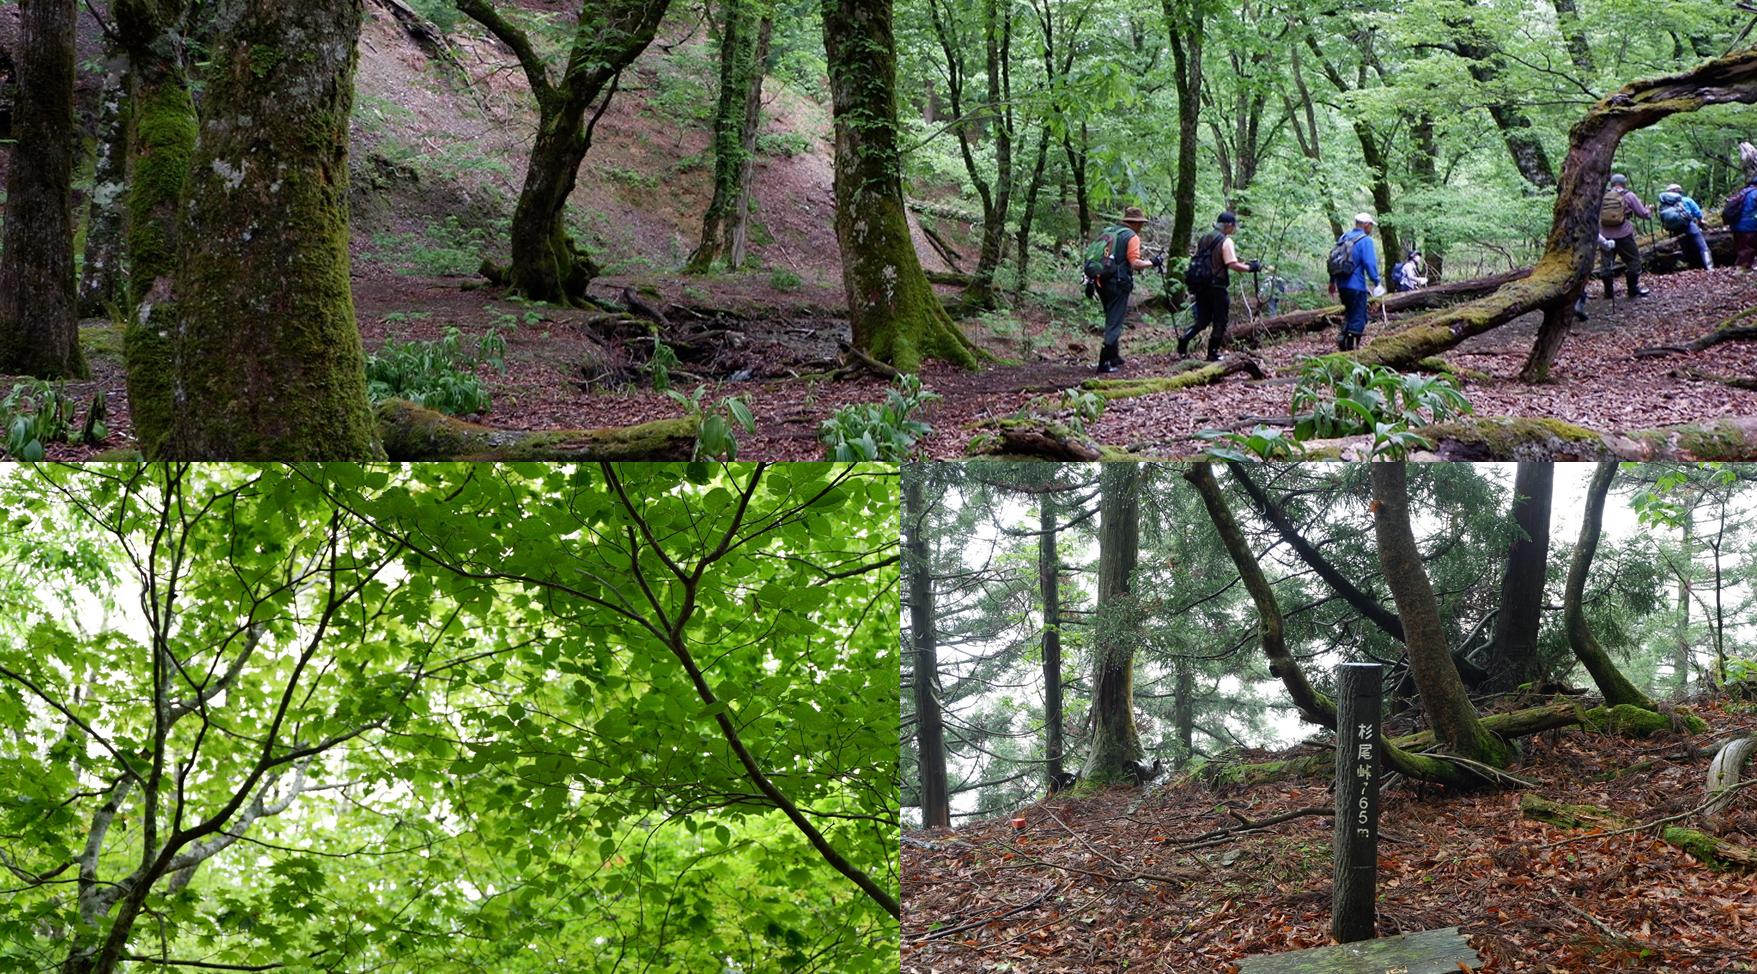 【出発確定!!】緑の美しい季節に!芦生の森ハイキング 18名限定!!